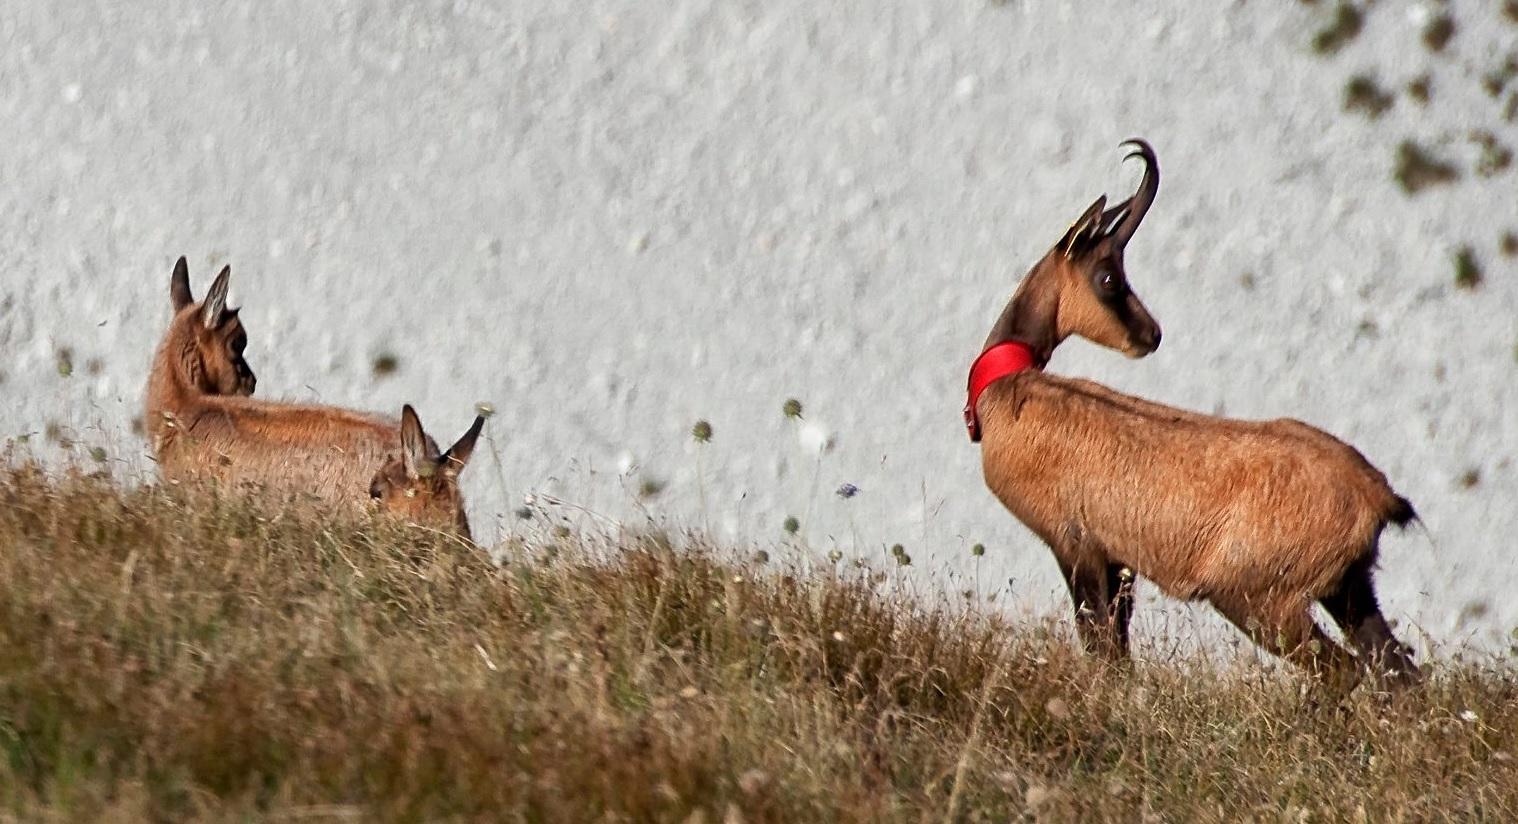 Carovana del camoscio, tappa nel Parco dei Sibillini